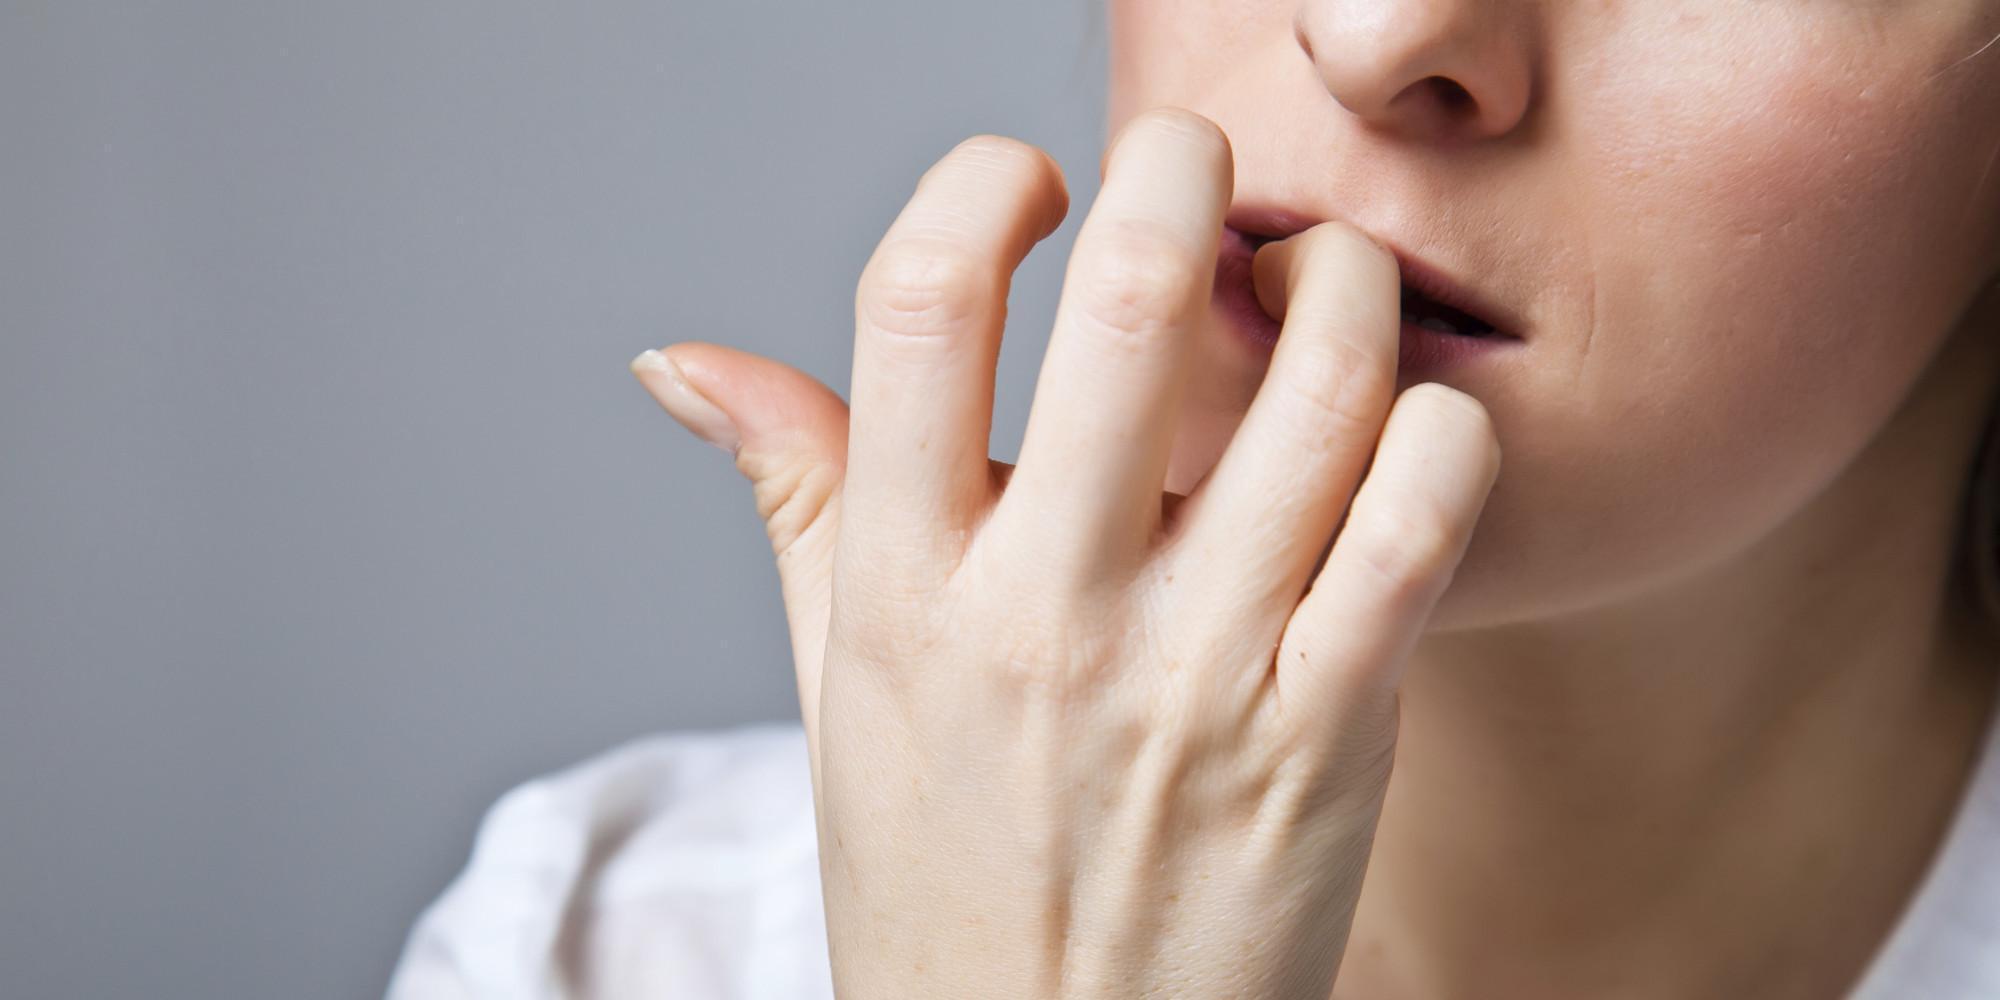 Entenda e Busque Tratamento Para os Transtornos de Ansiedade